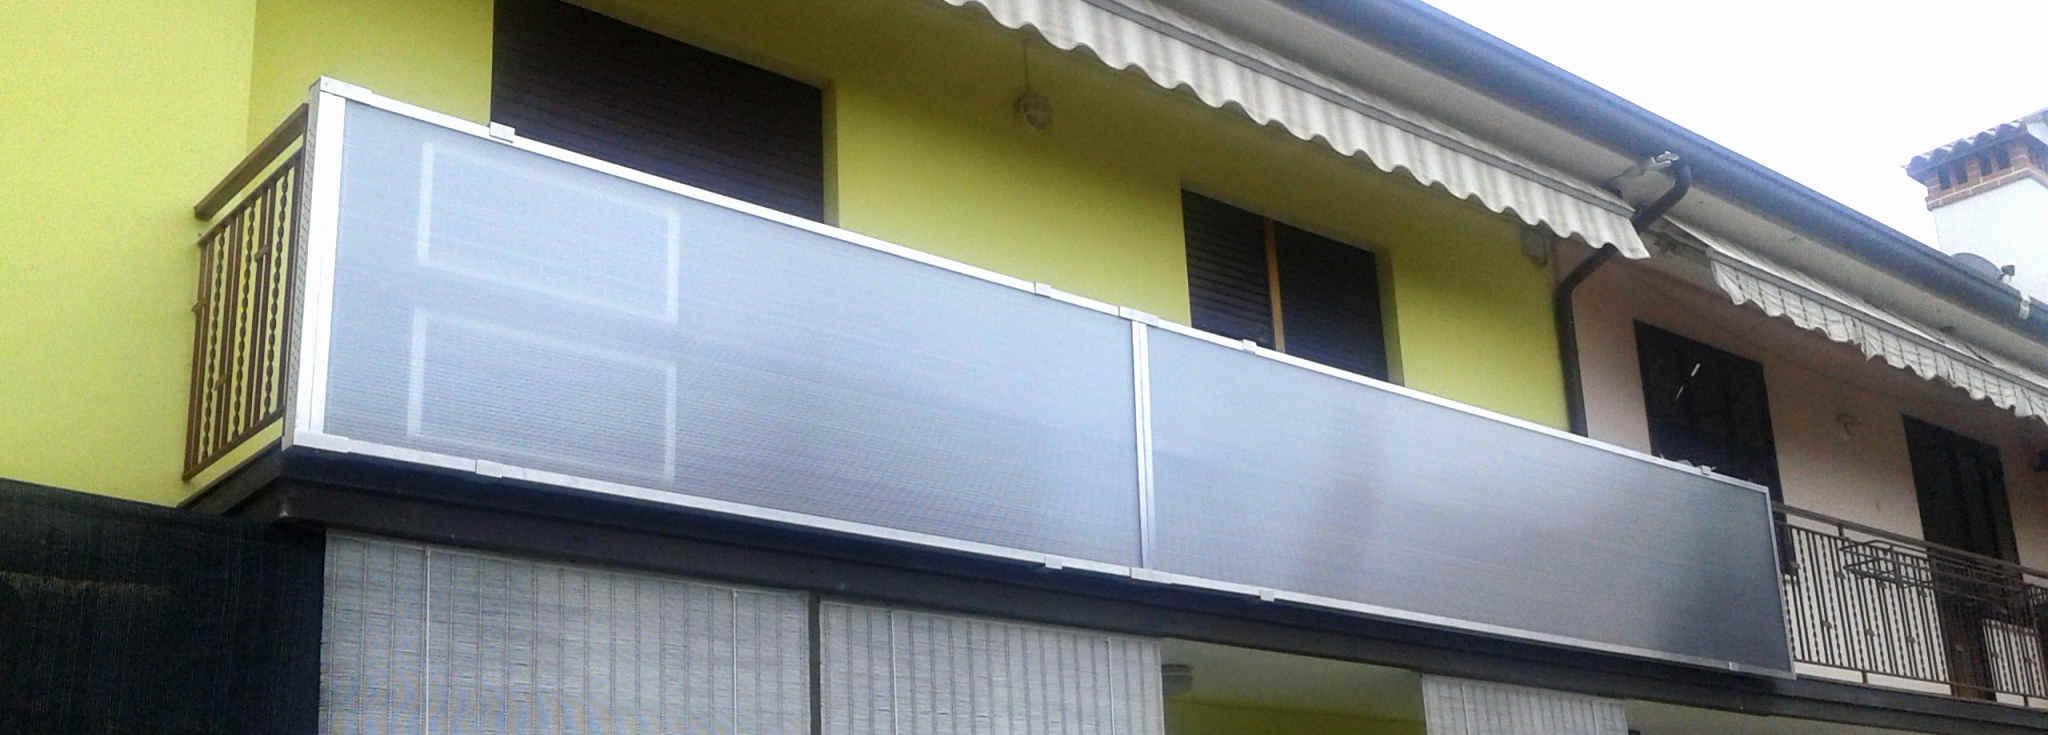 Pannello Solare Grammer Ad Aria Calda : Monitoring impianti solari ad aria solarair pannelli